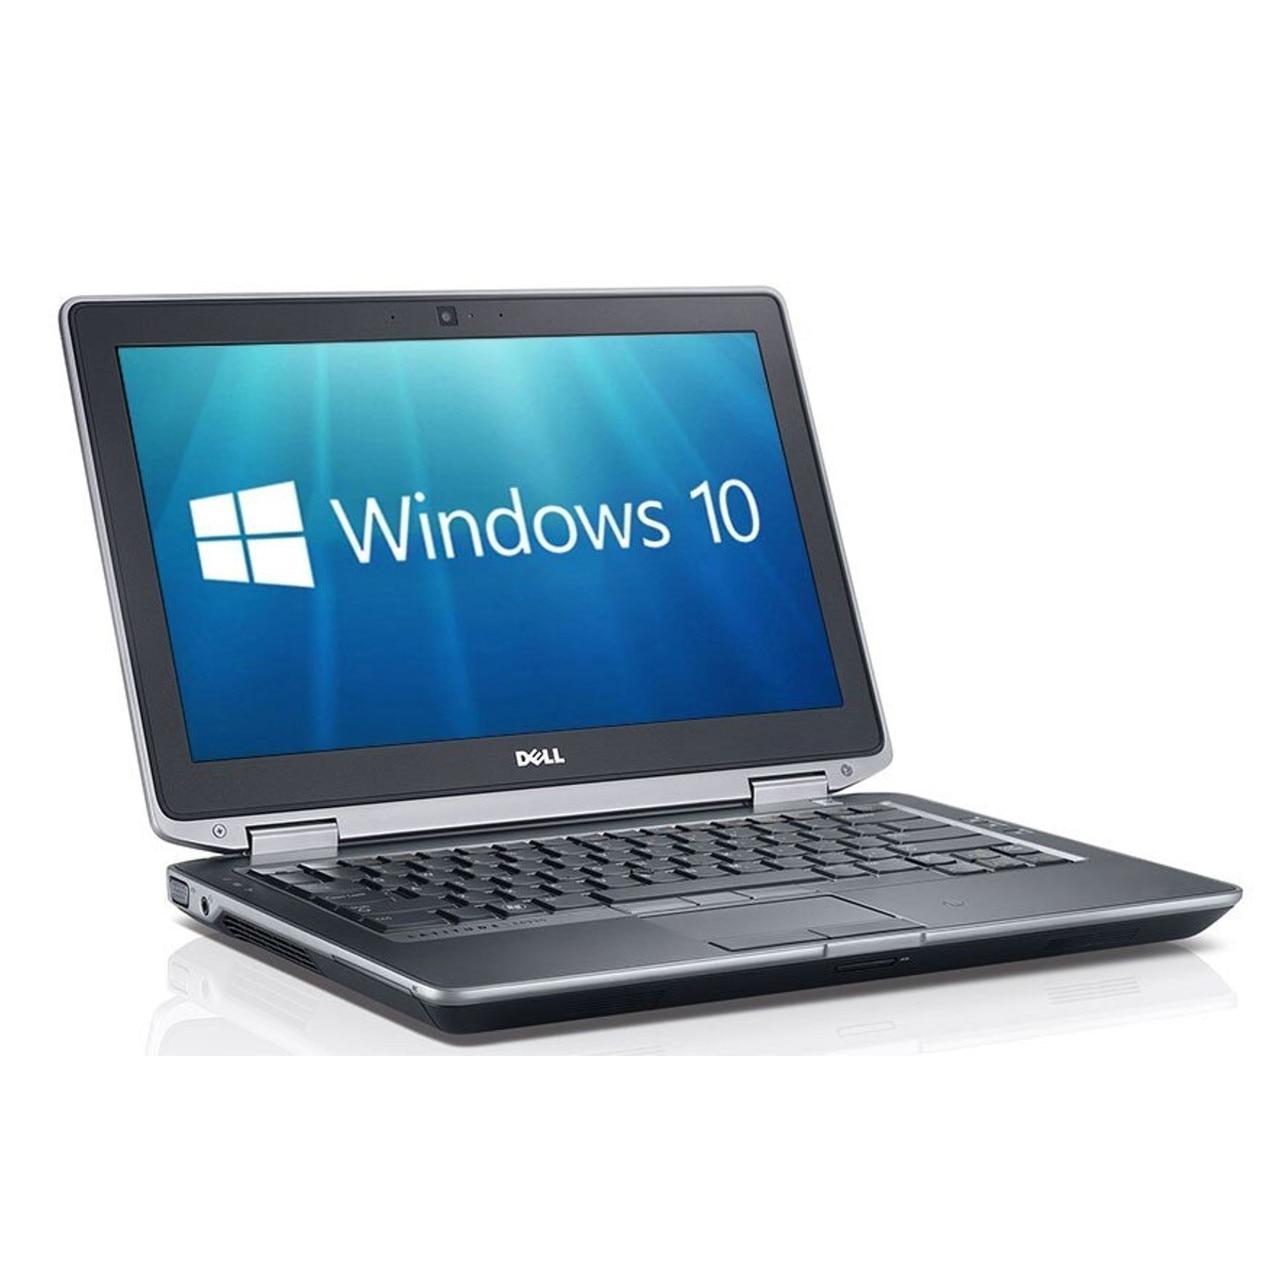 Dell Latitude E6530 15.6-inch (2012) - Core i5-2400S - 8 GB  - SSD 1000 GB